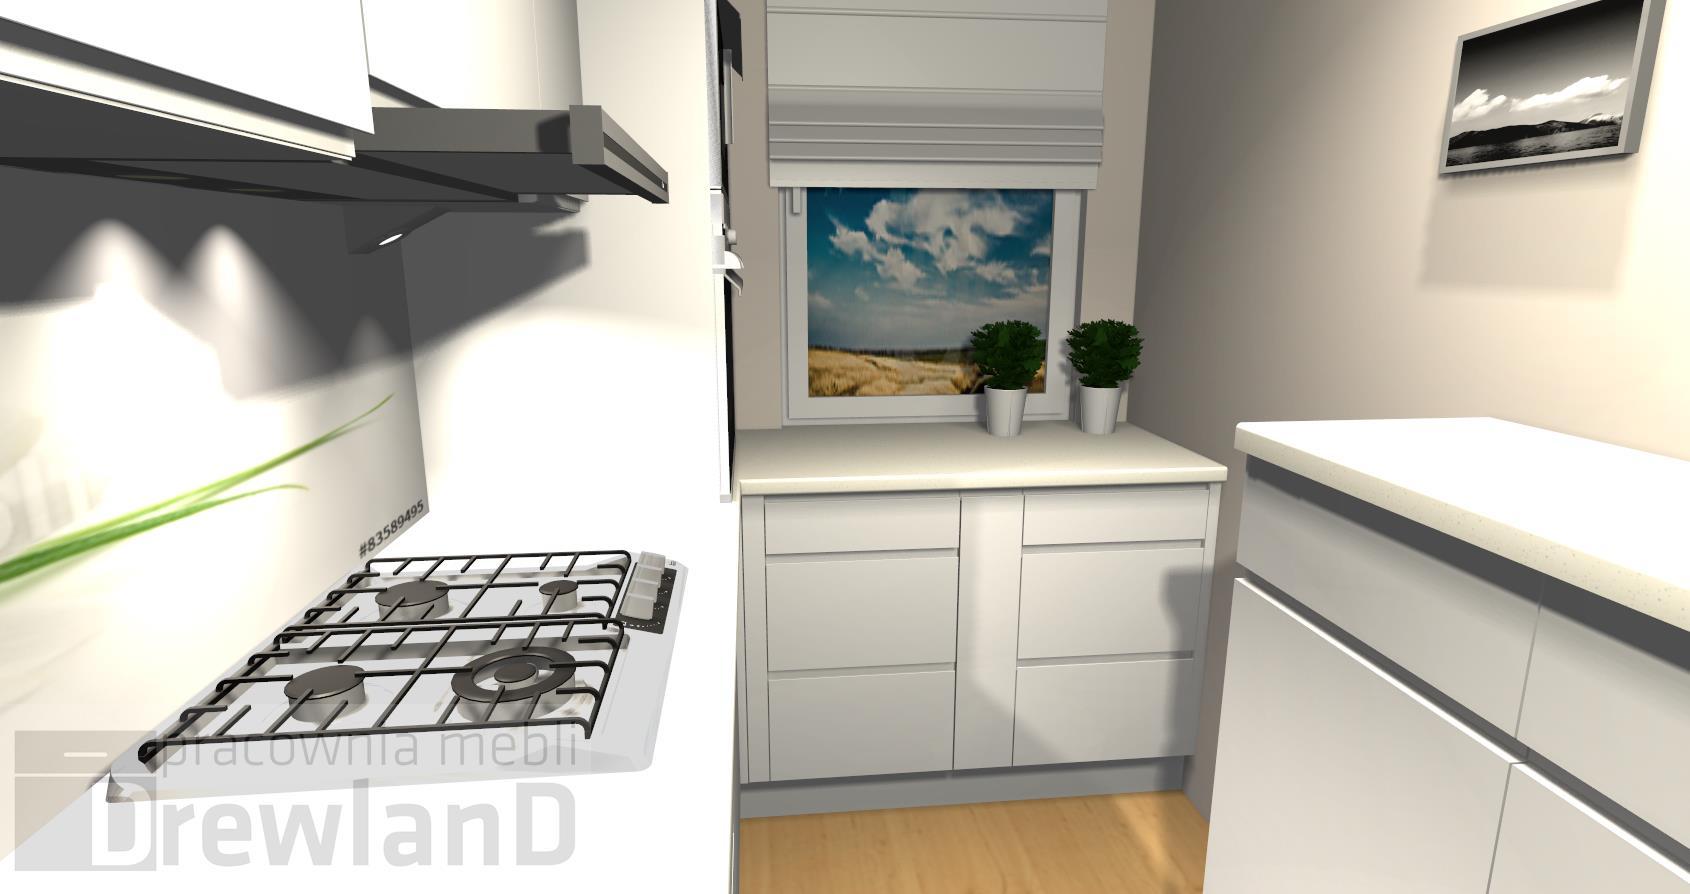 Wąska kuchnia w bloku  Drewland pl -> Dluga Wąska Kuchnia W Bloku